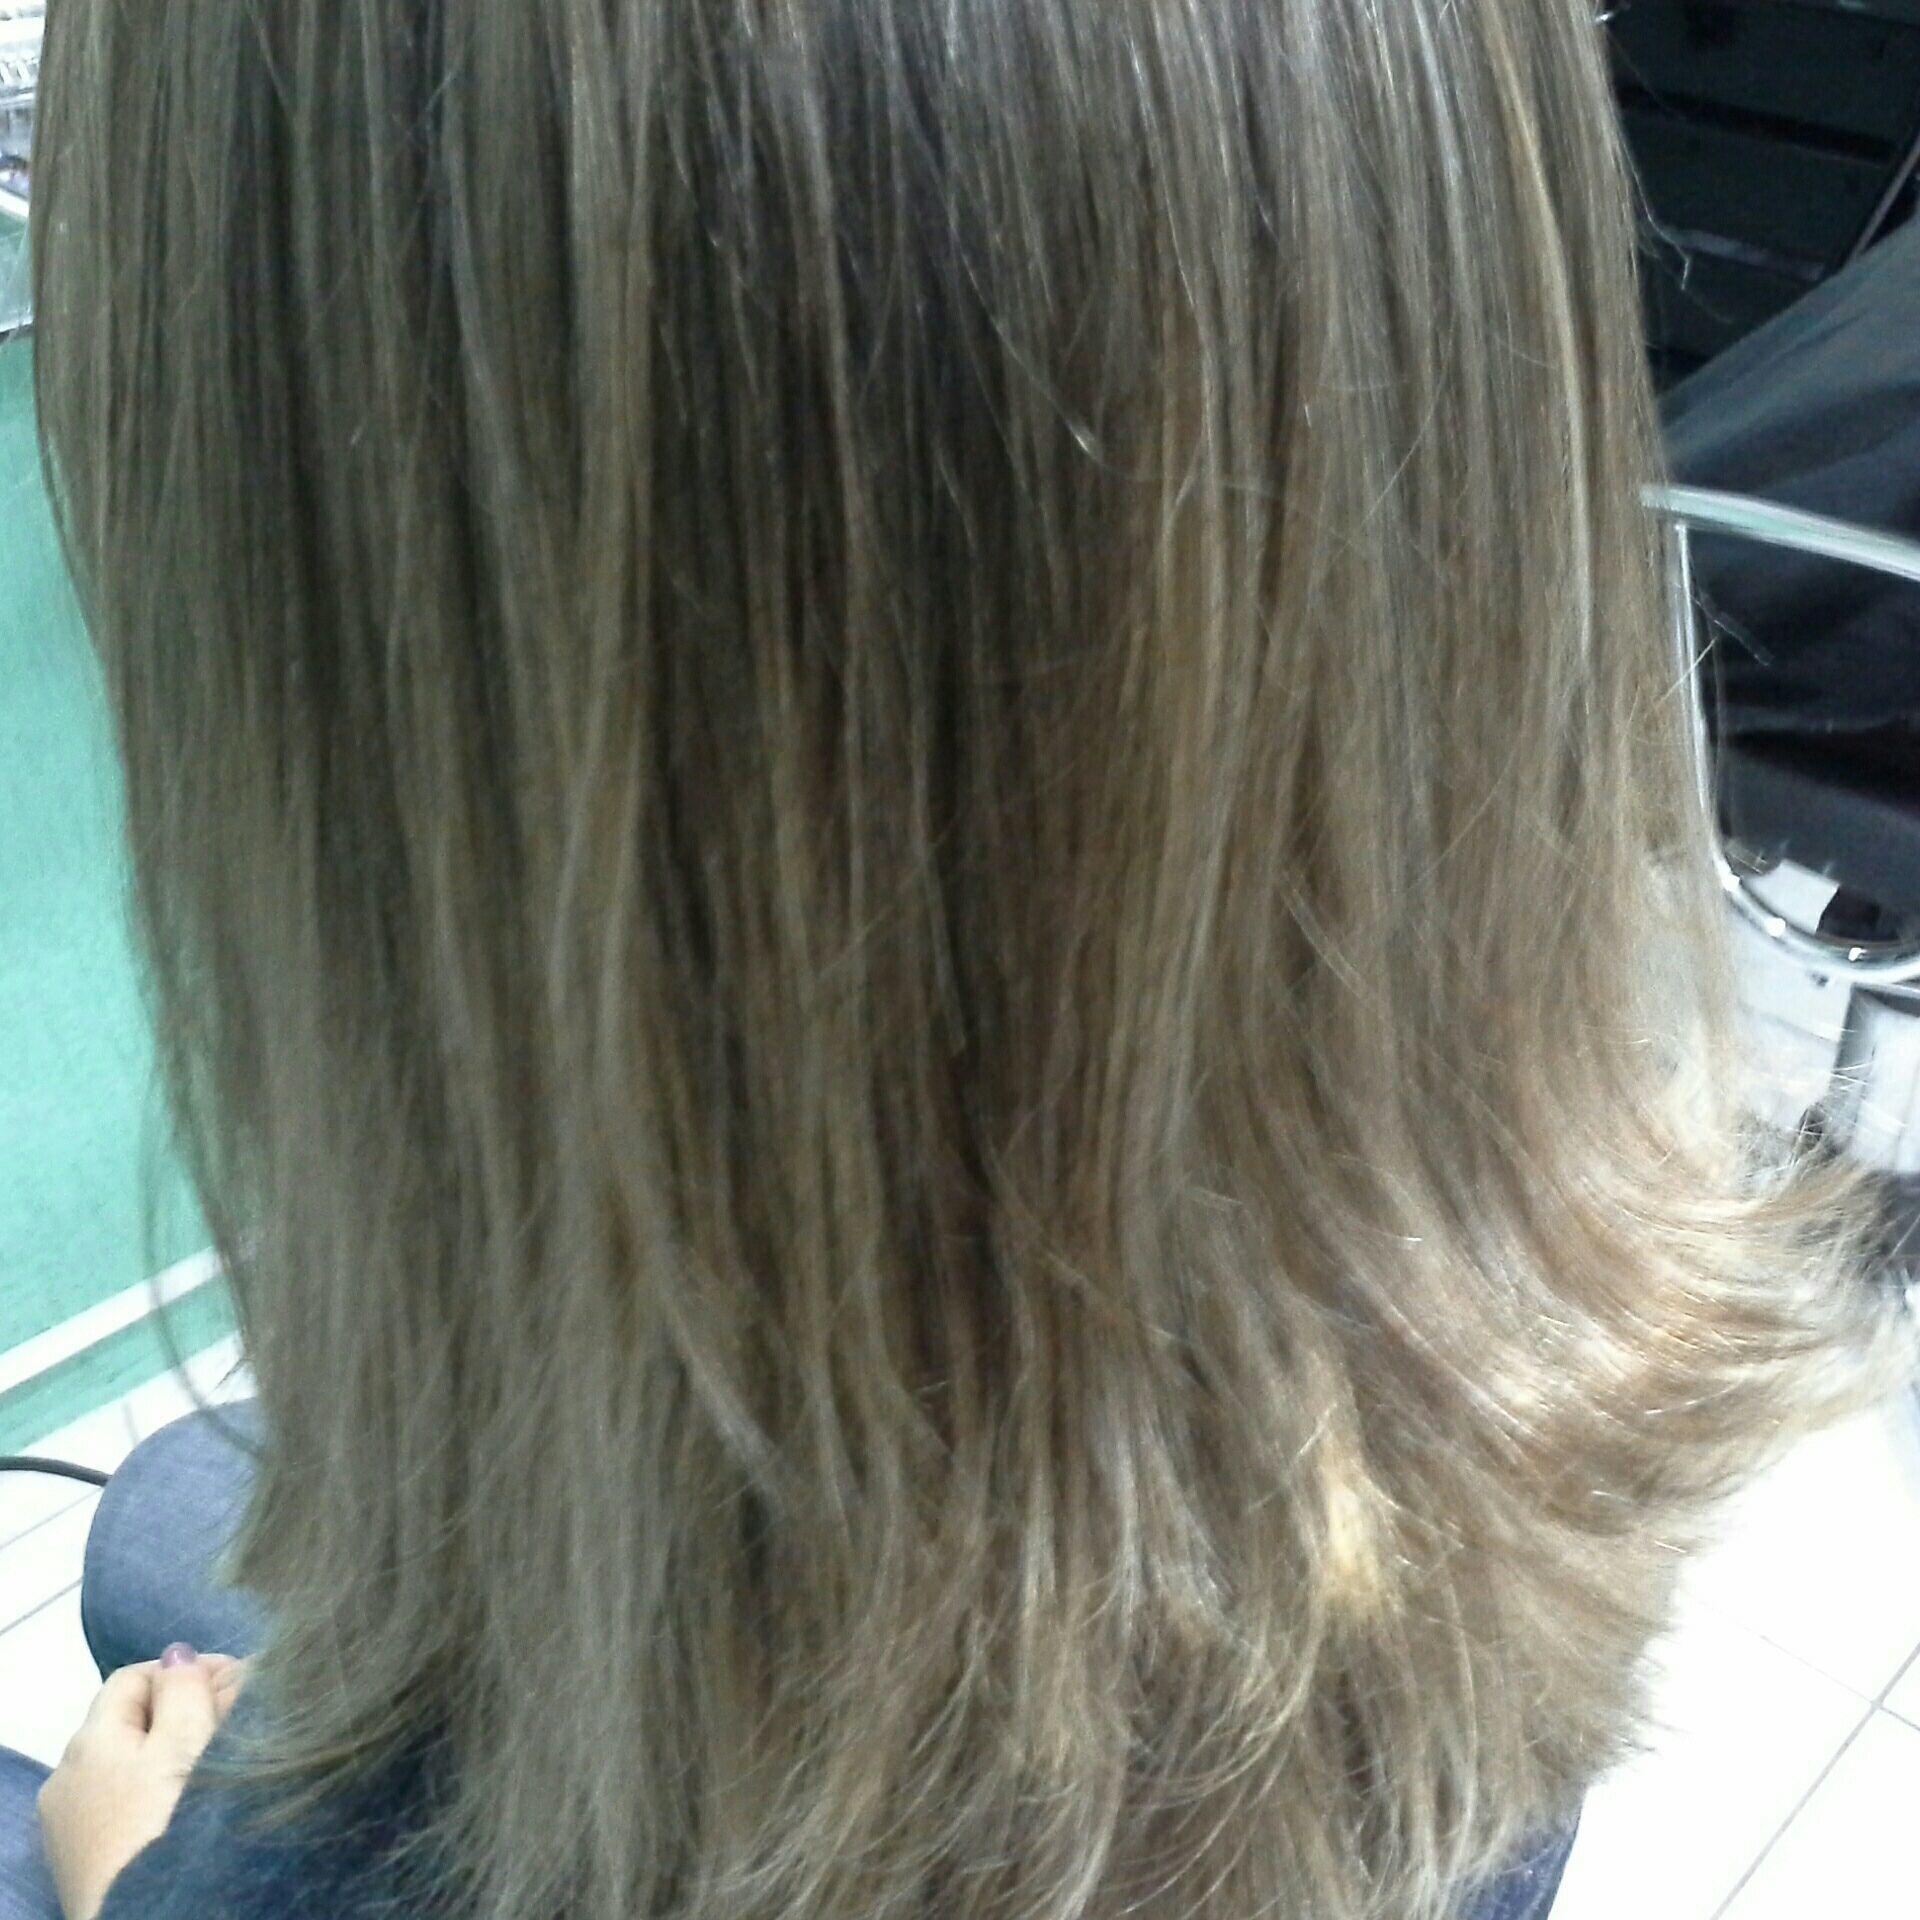 Ombre hair pérolas , esfumado  na raiz,  corte long  bob cabelo stylist / visagista cabeleireiro(a)